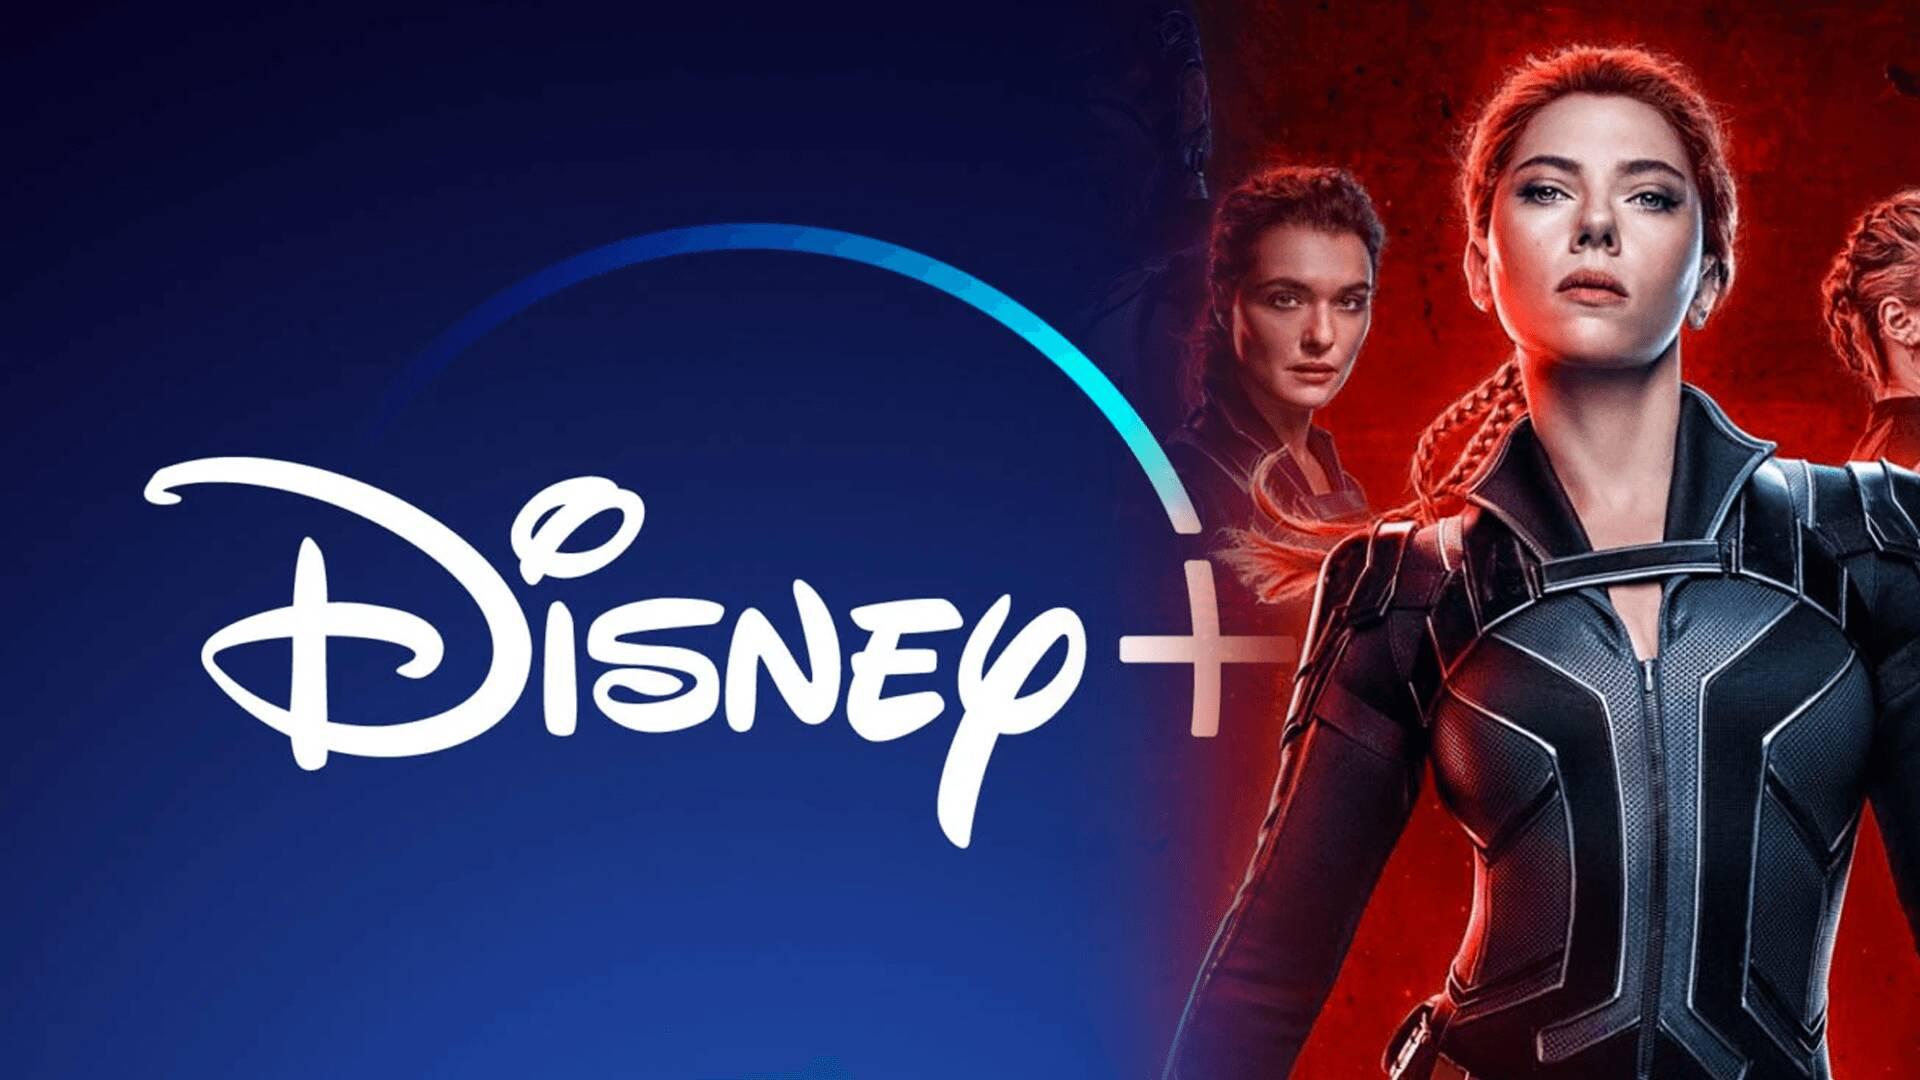 Disney+ Black Widow